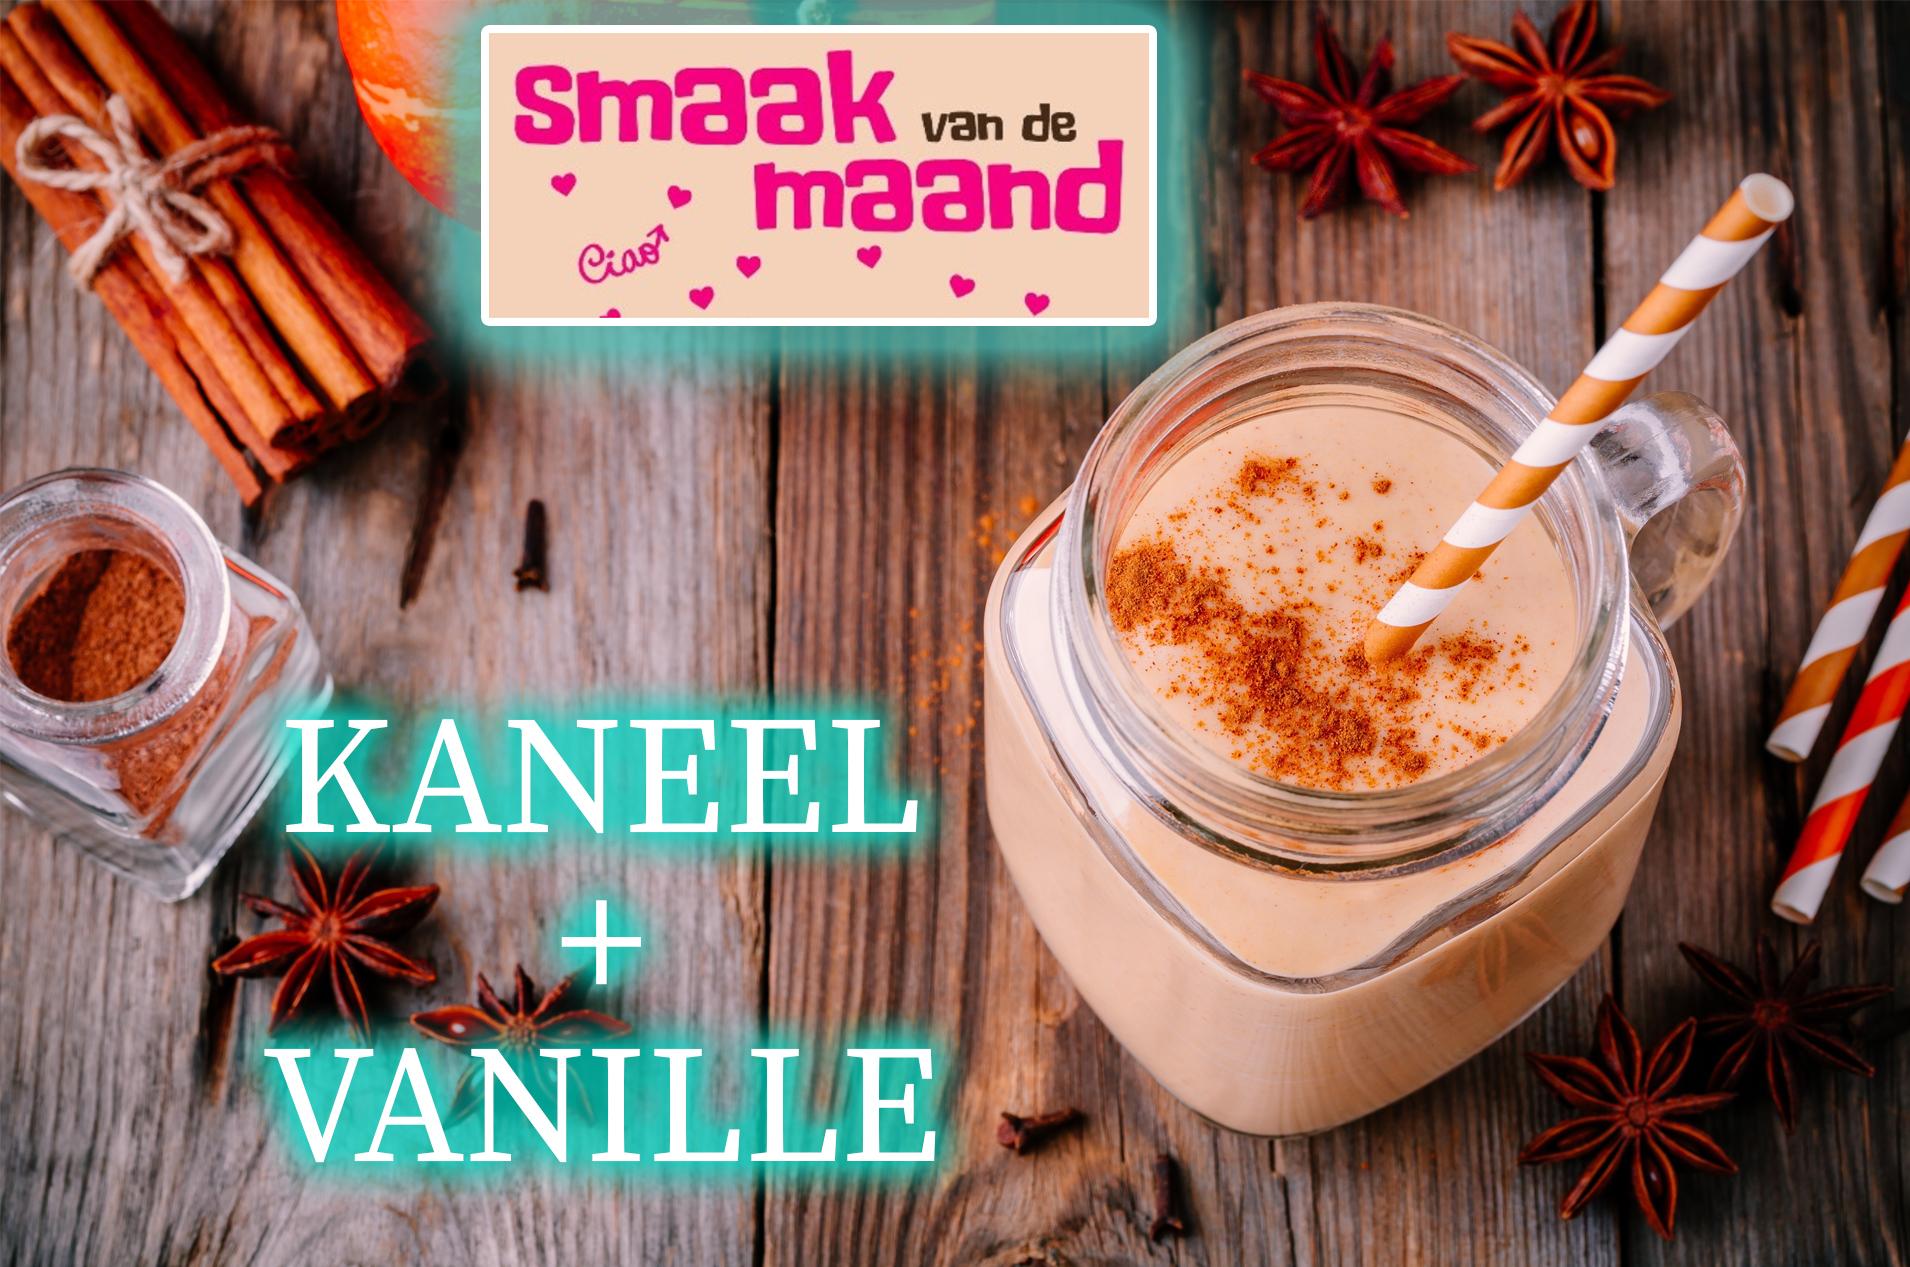 Smaak van de maand kaneel-vanille - eiwit shake